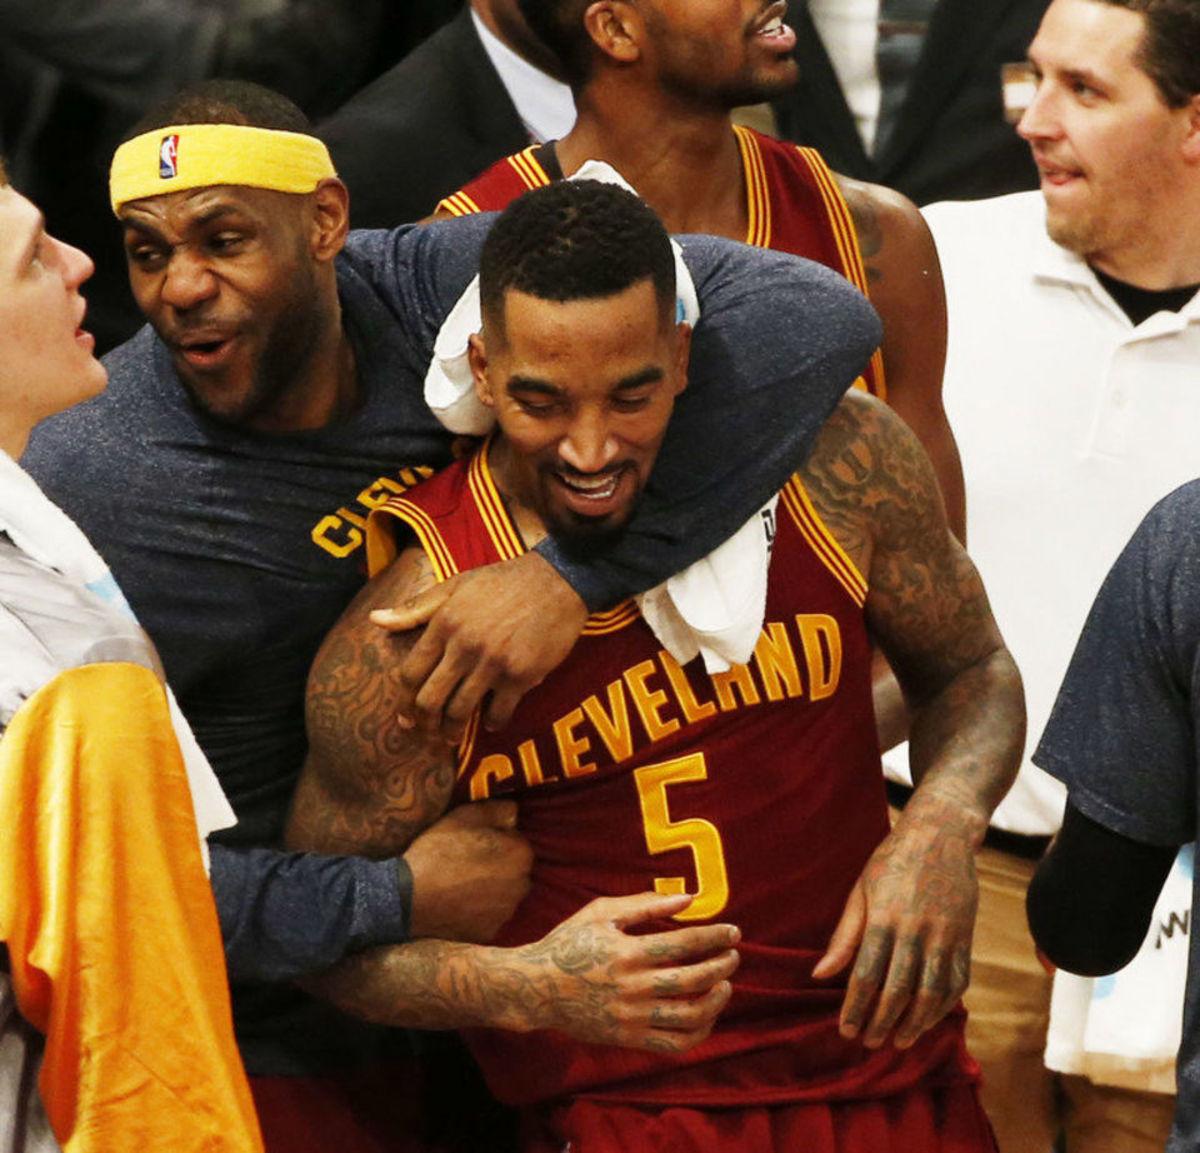 LeBron James and JR Smith